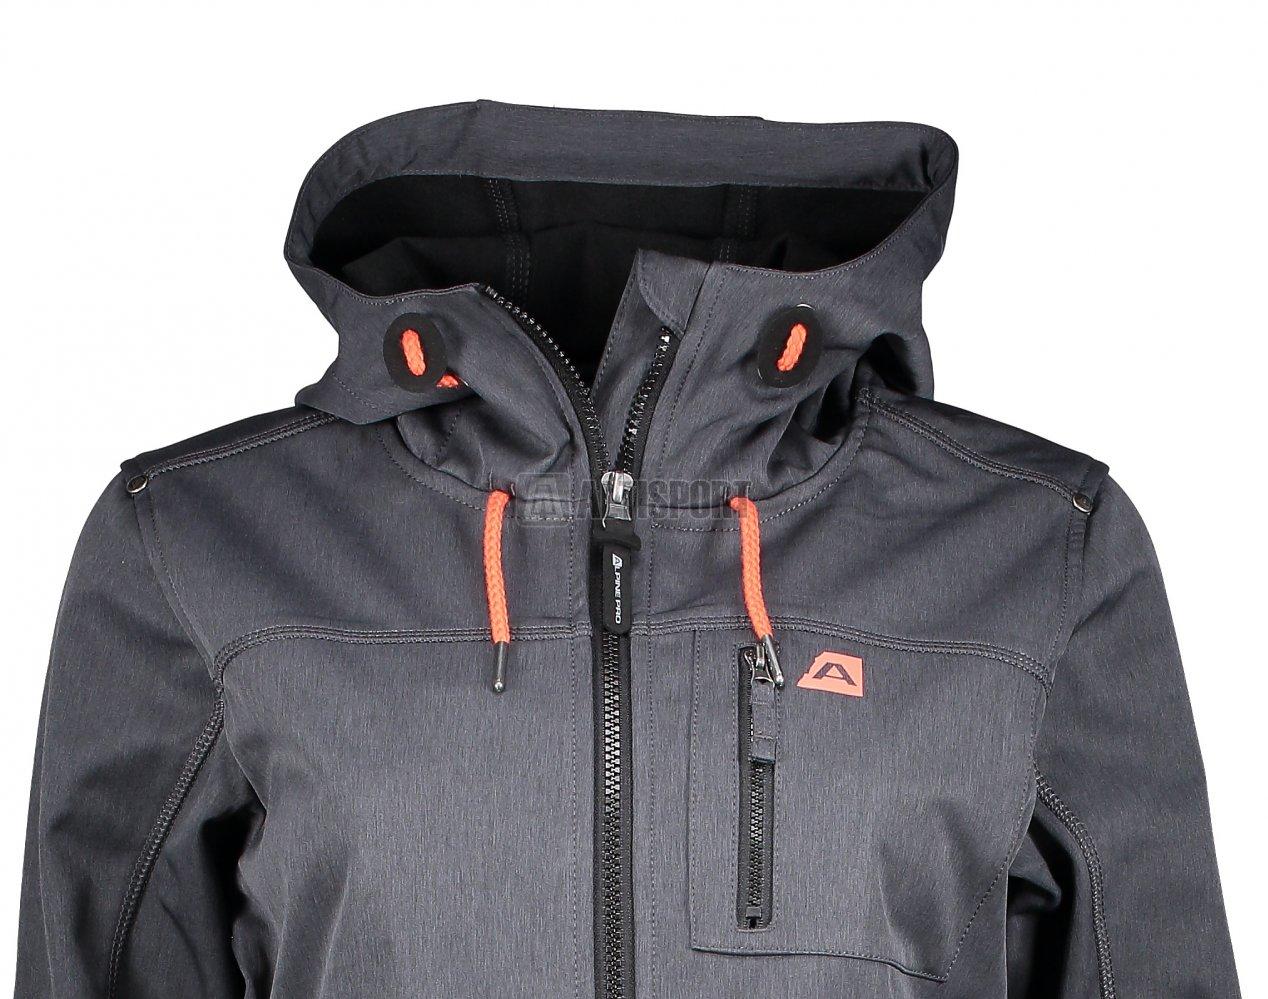 c039bf415dbb Dámský softshellový kabát ALPINE PRO GALA LCTM087 ČERNÁ velikost  XS ...